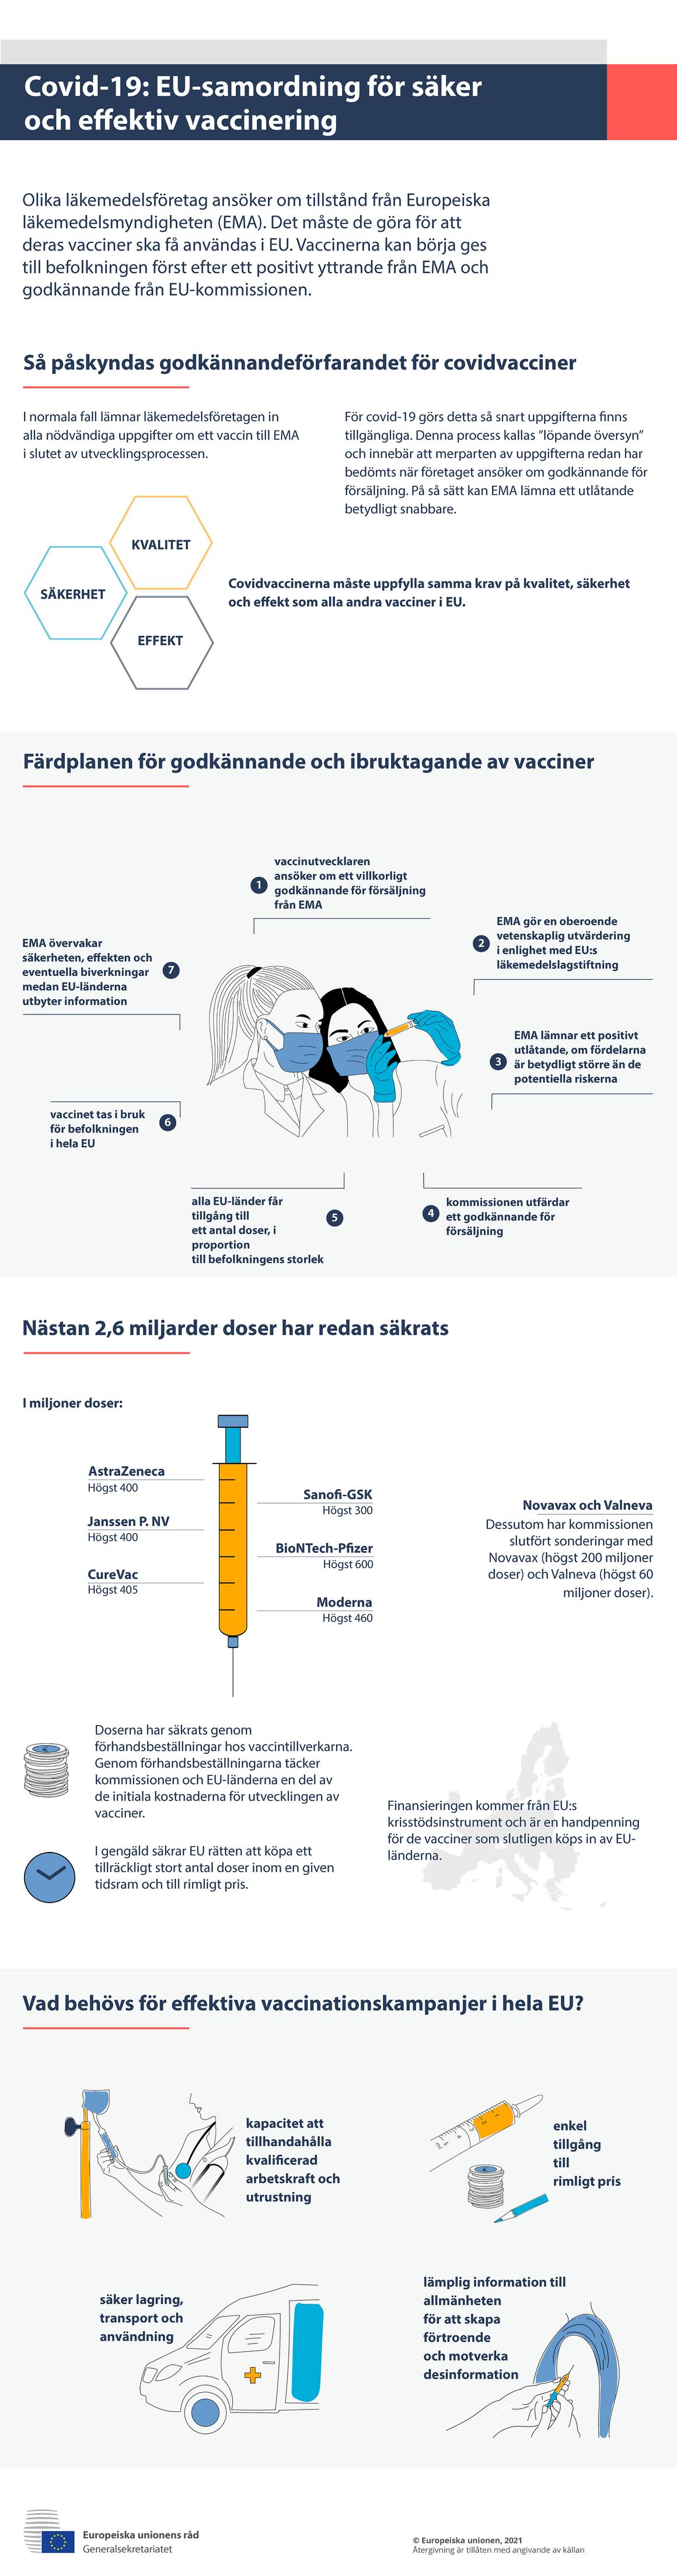 nfografik – covid-19: Samordning på EU-nivå för säker och effektiv vaccinering